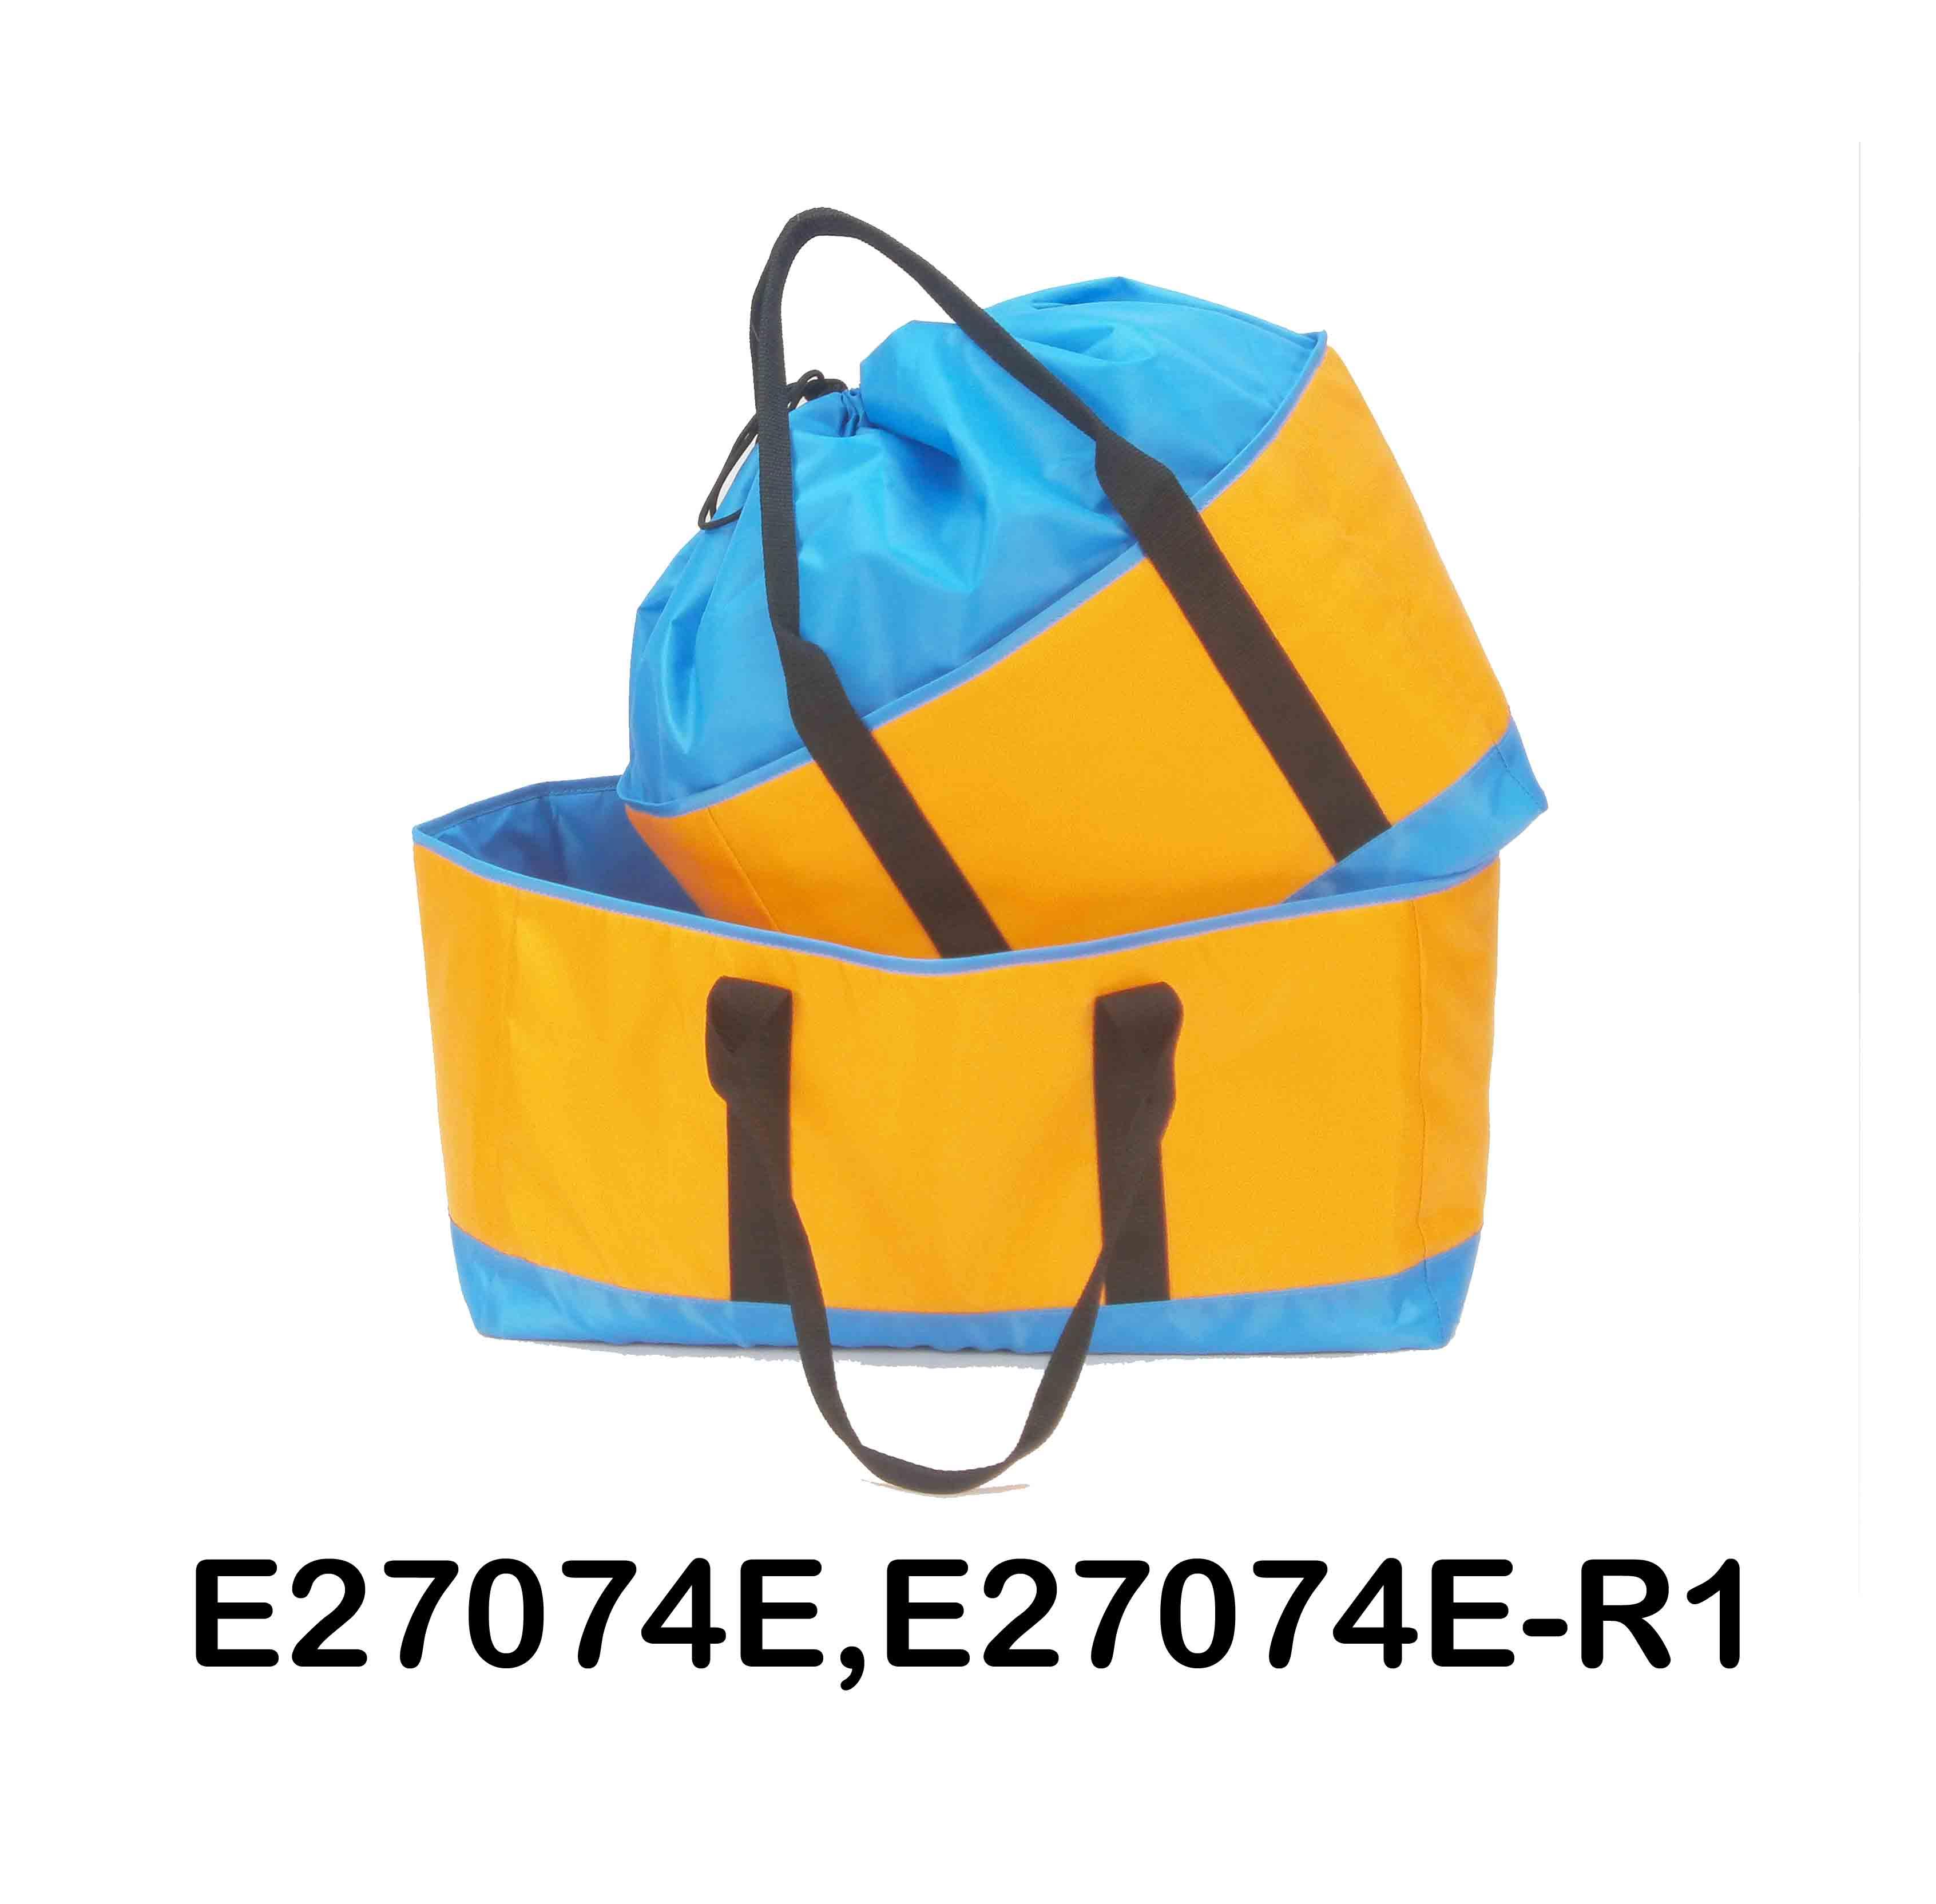 E27074E,R1